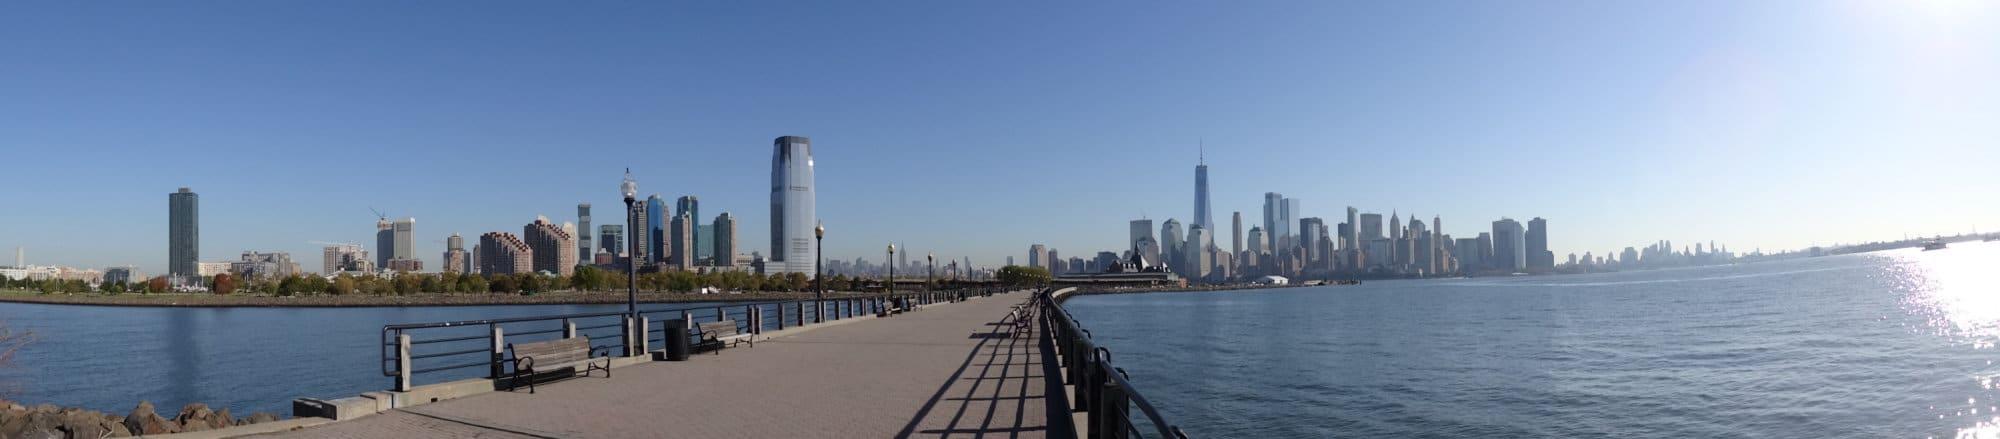 Panoramique sur la presqu'île de Manhattan